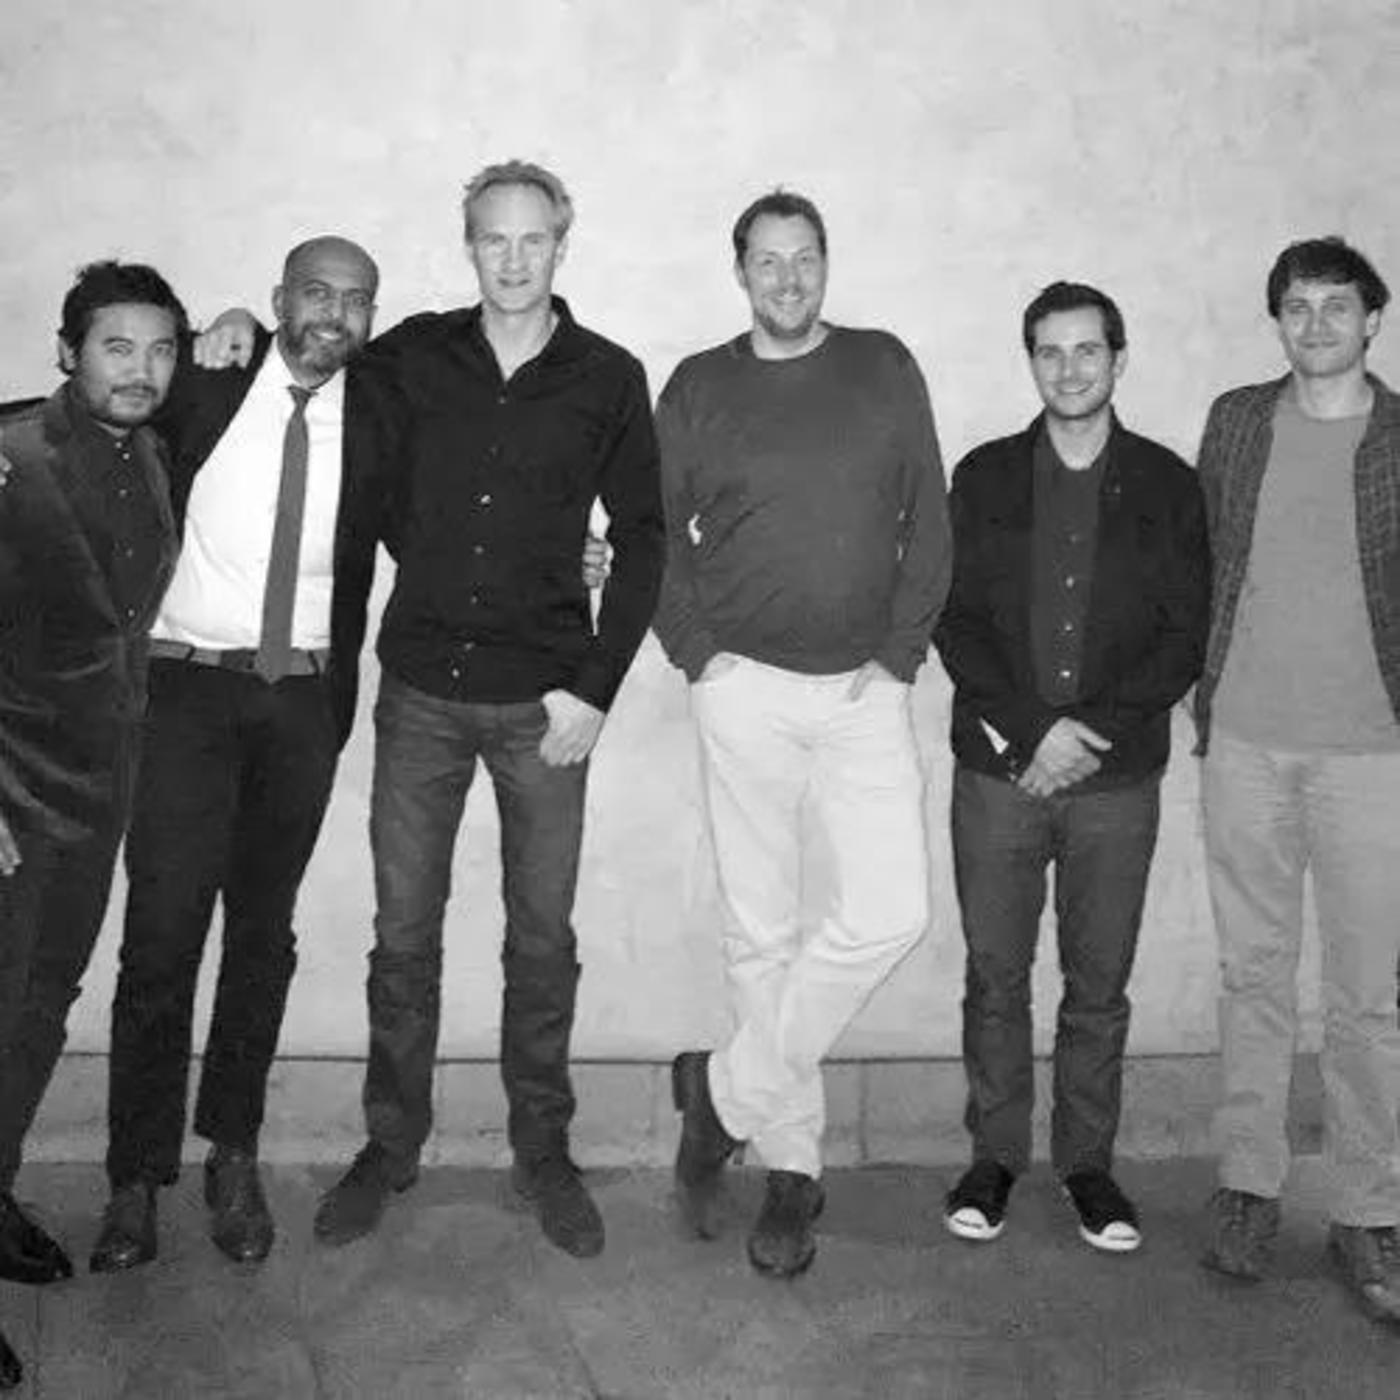 iPhone OS(2007年)设计师,从左至右:弗雷迪·安佐斯、伊姆兰·肖德里、巴斯·奥尔丁、马塞尔·范奥斯、史蒂夫·勒梅、麦克·马塔斯